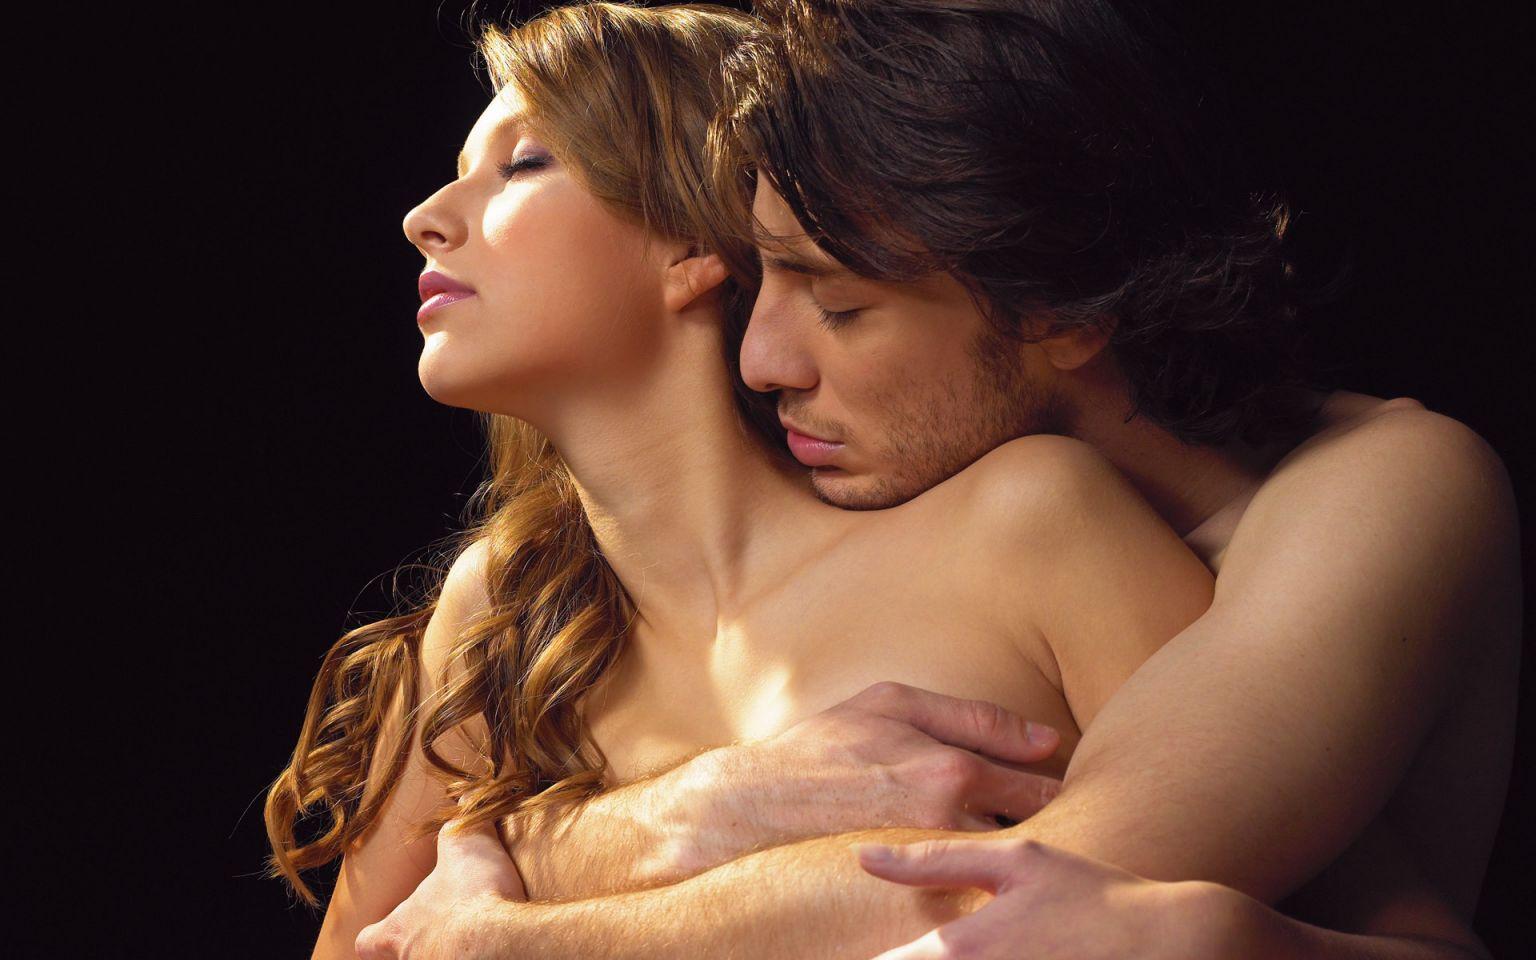 Нежная любовь и секс видео Всё